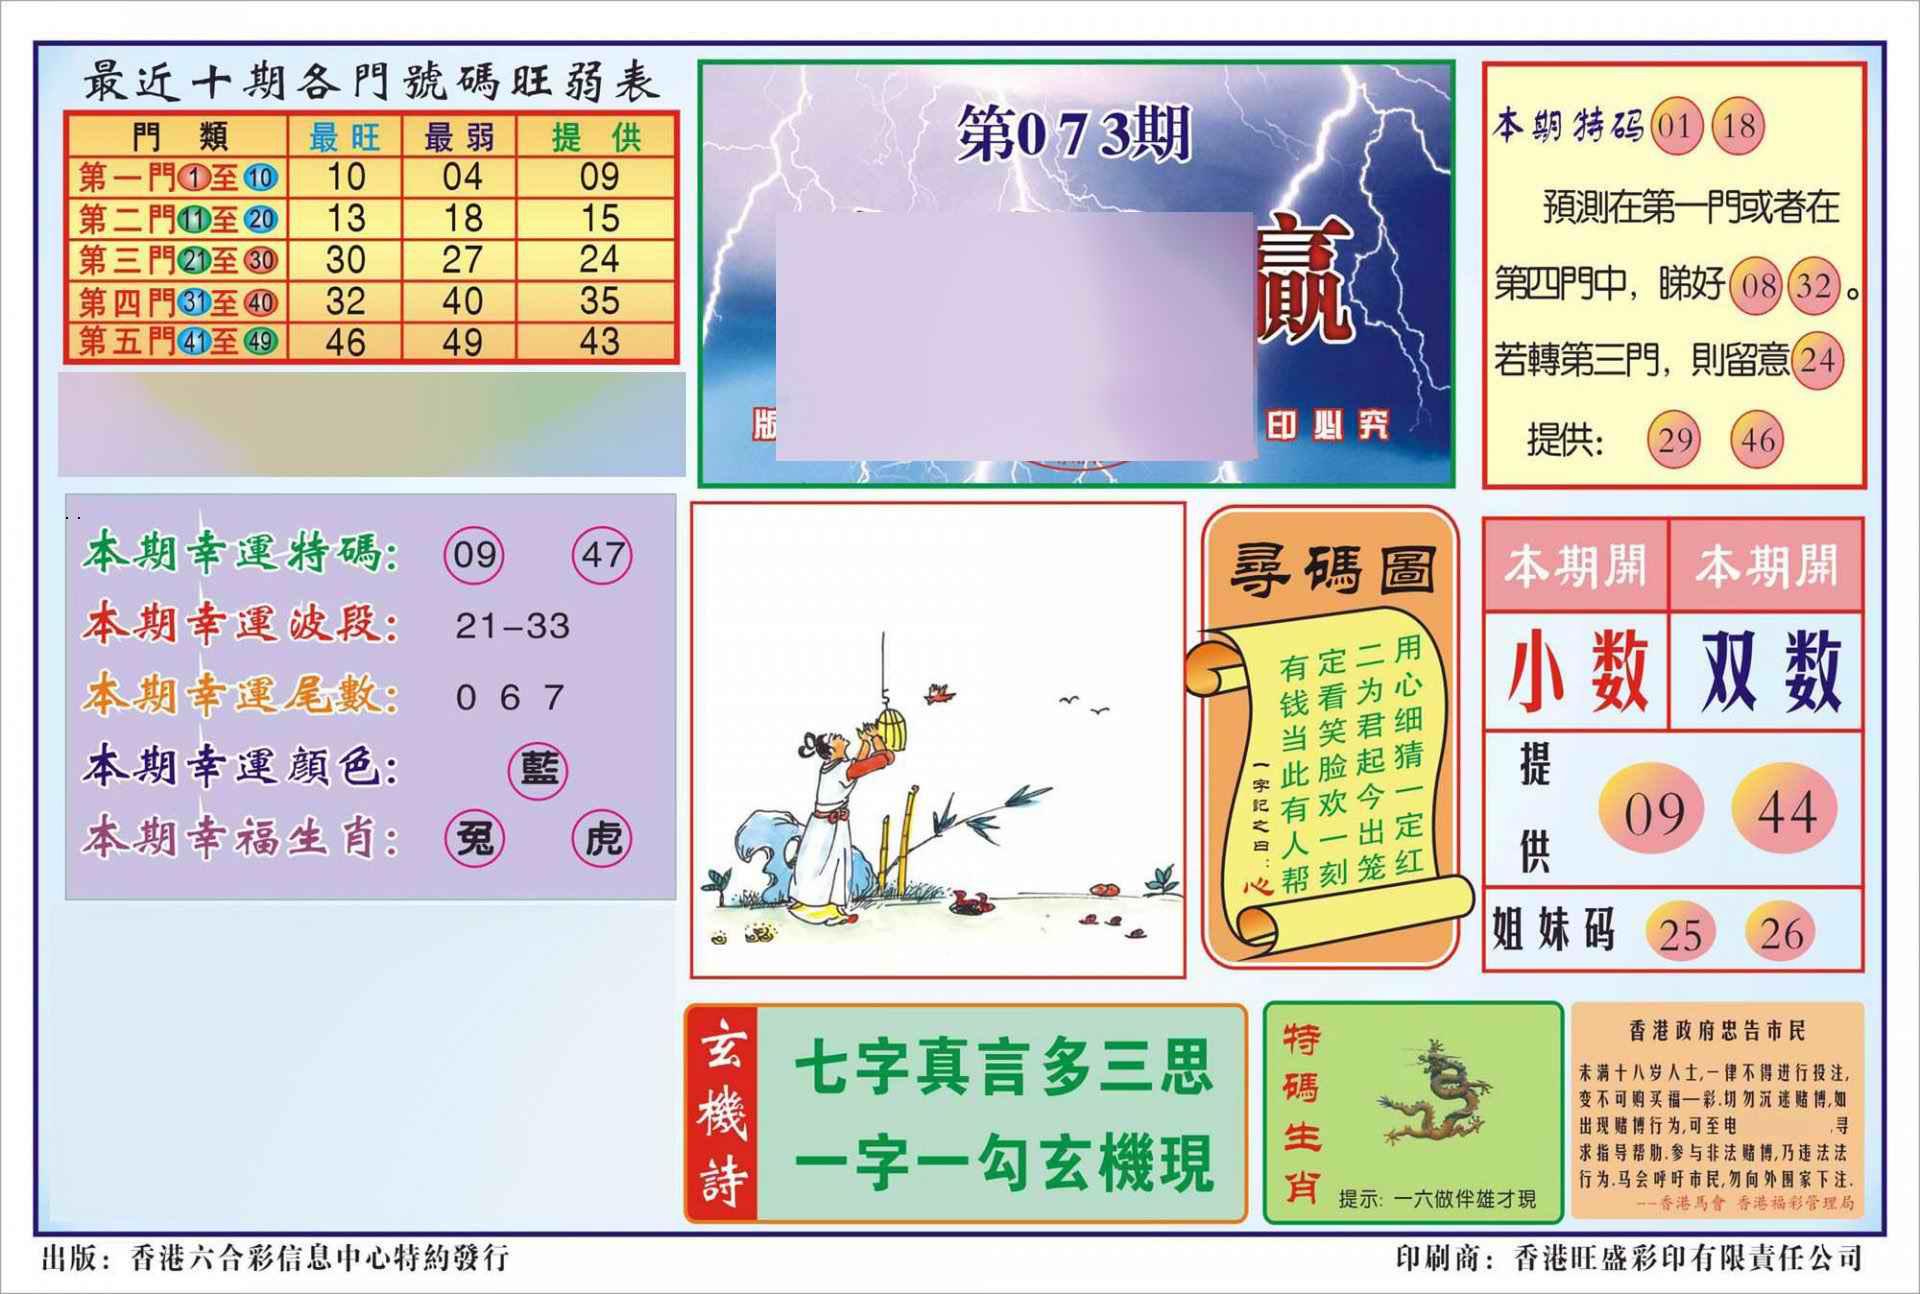 073期香港逢赌必羸(新图)